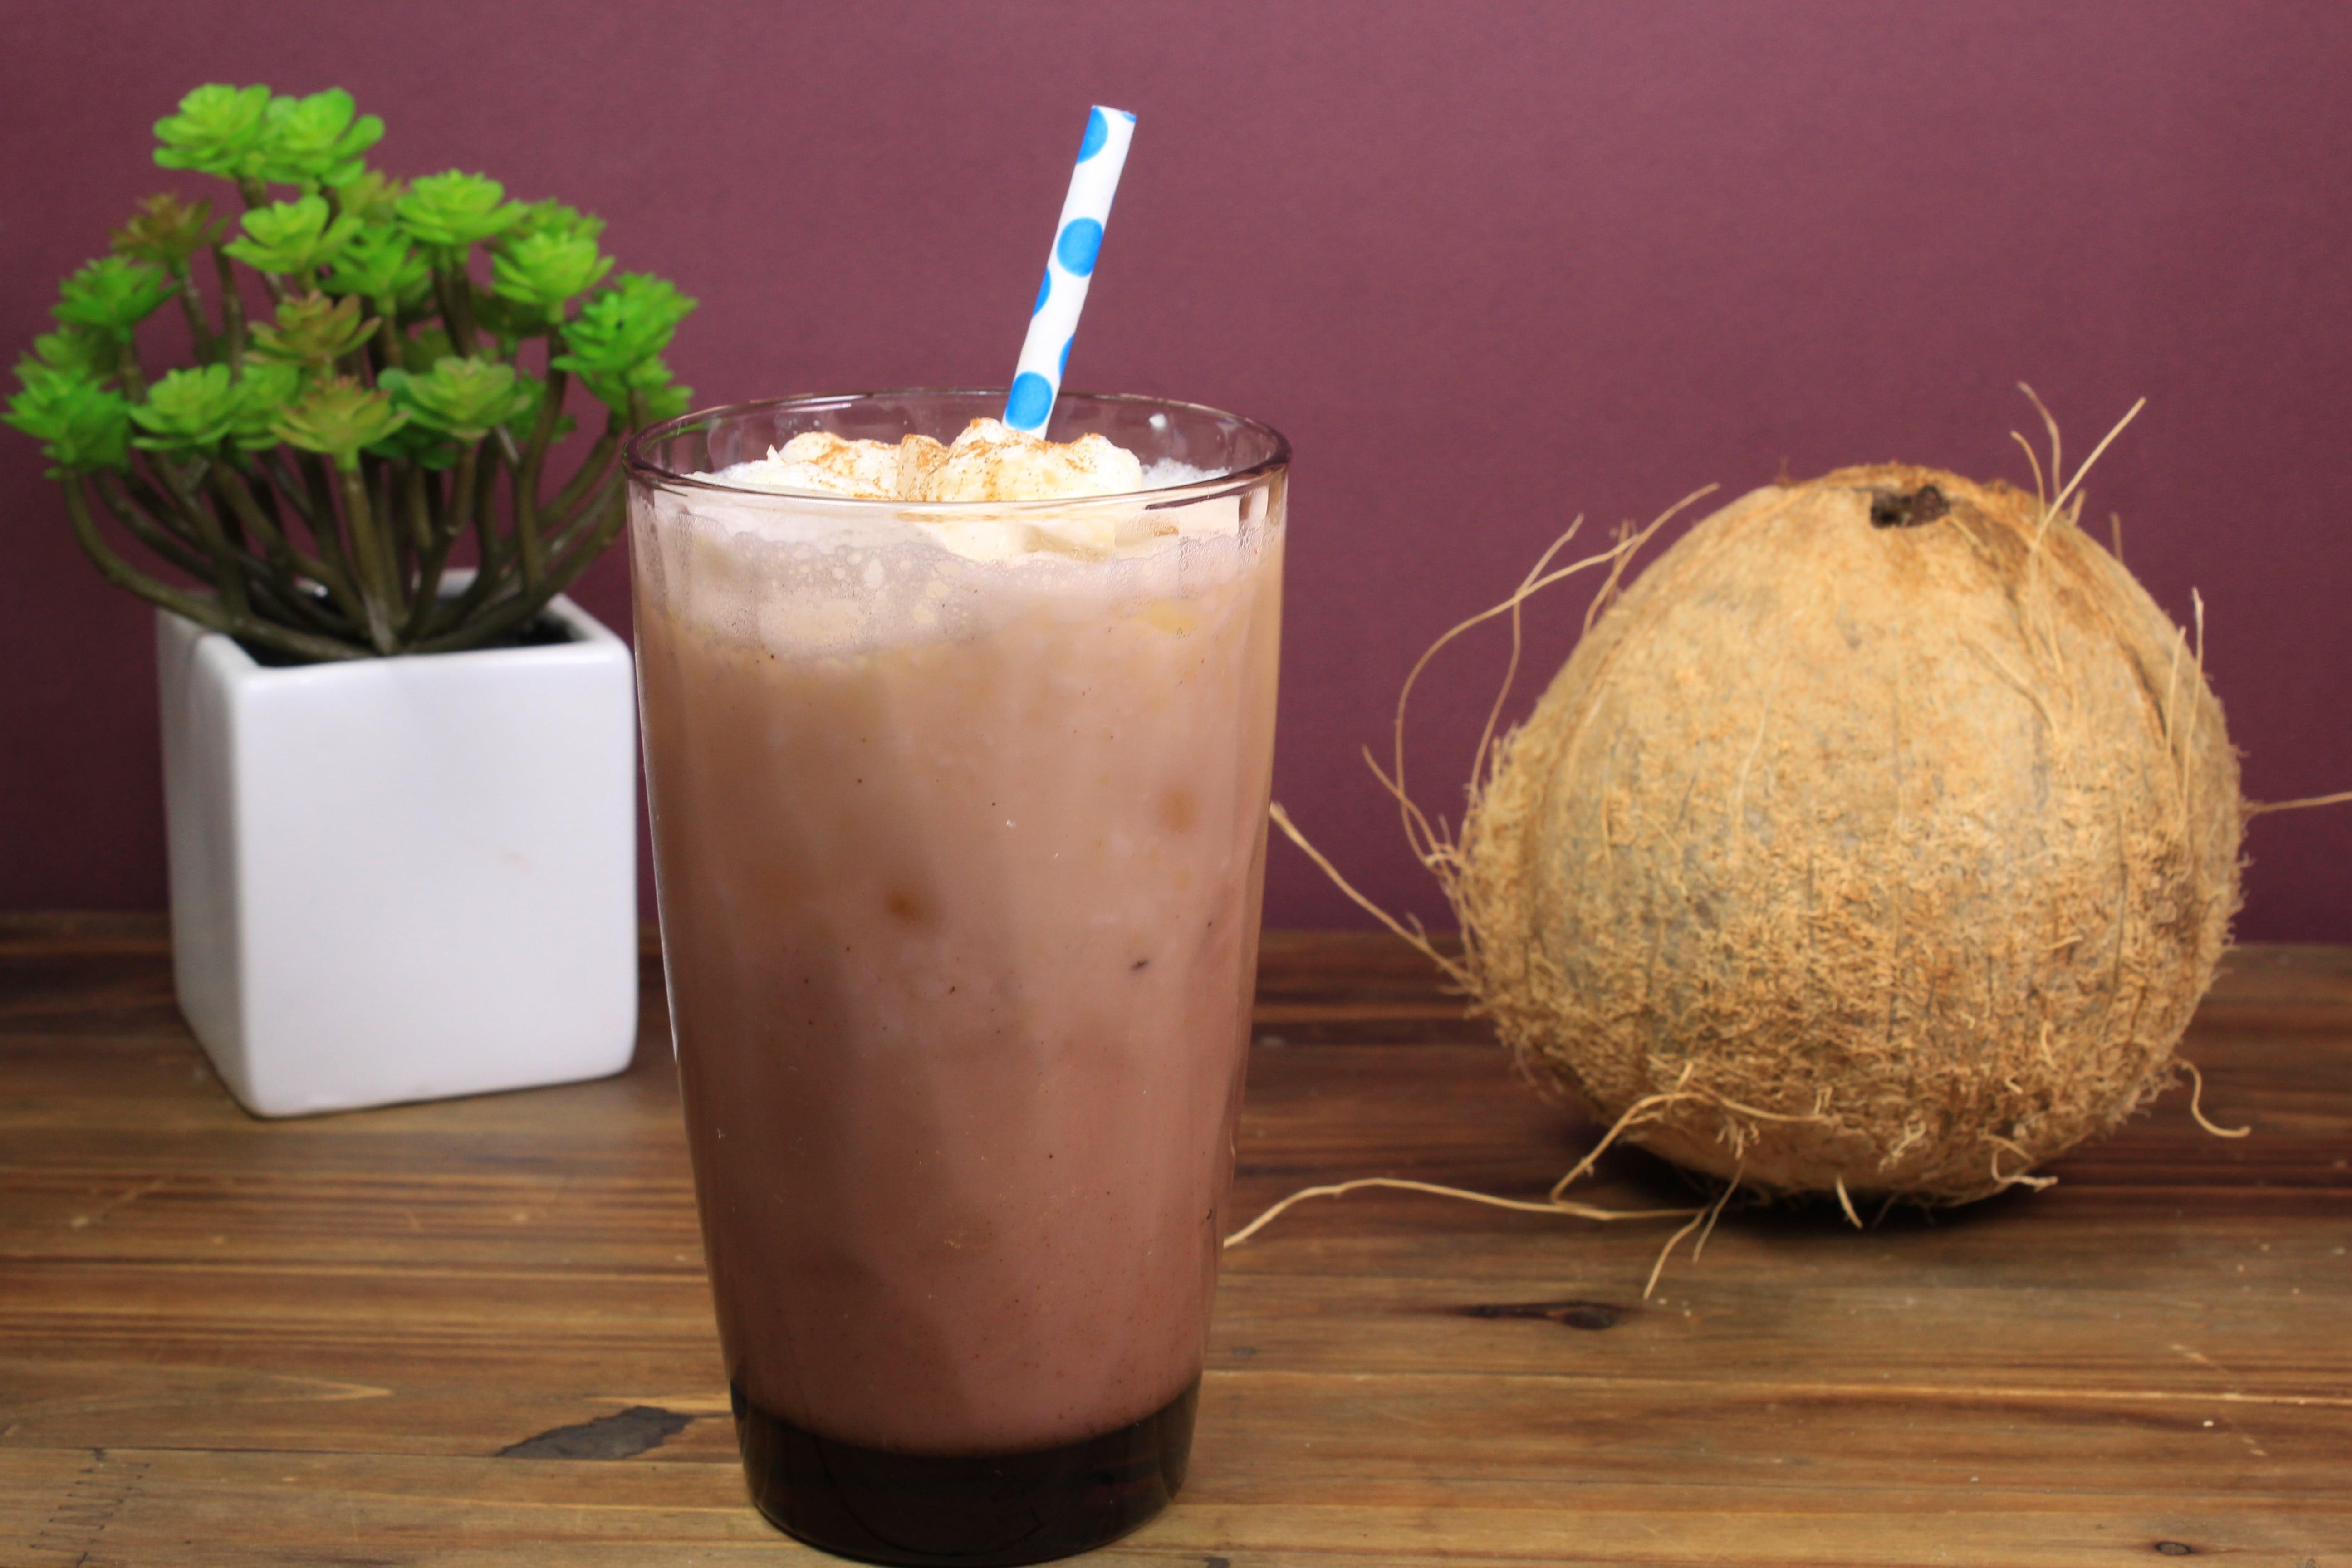 Calorias de un litro de agua de coco